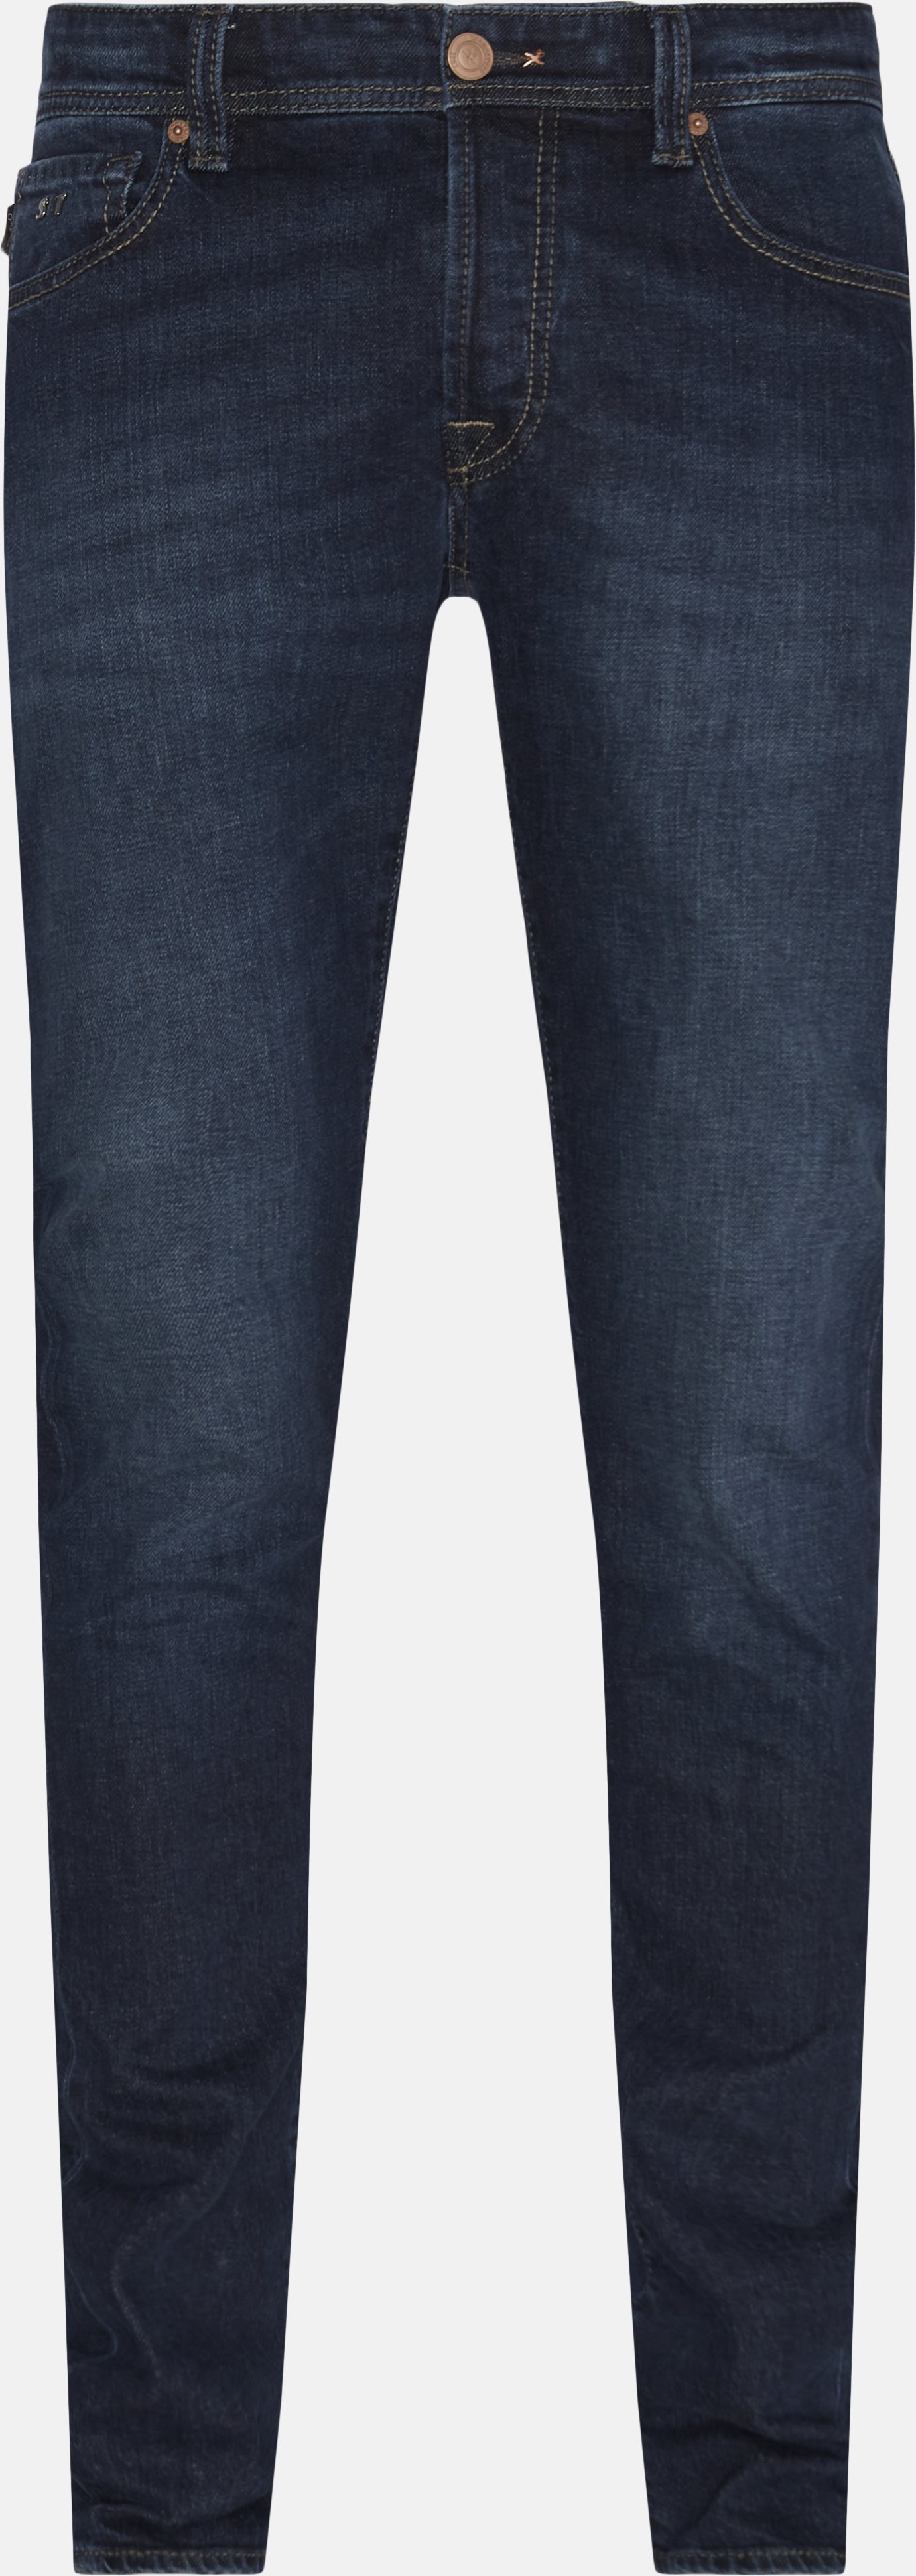 Jeans - Regular fit - Blå